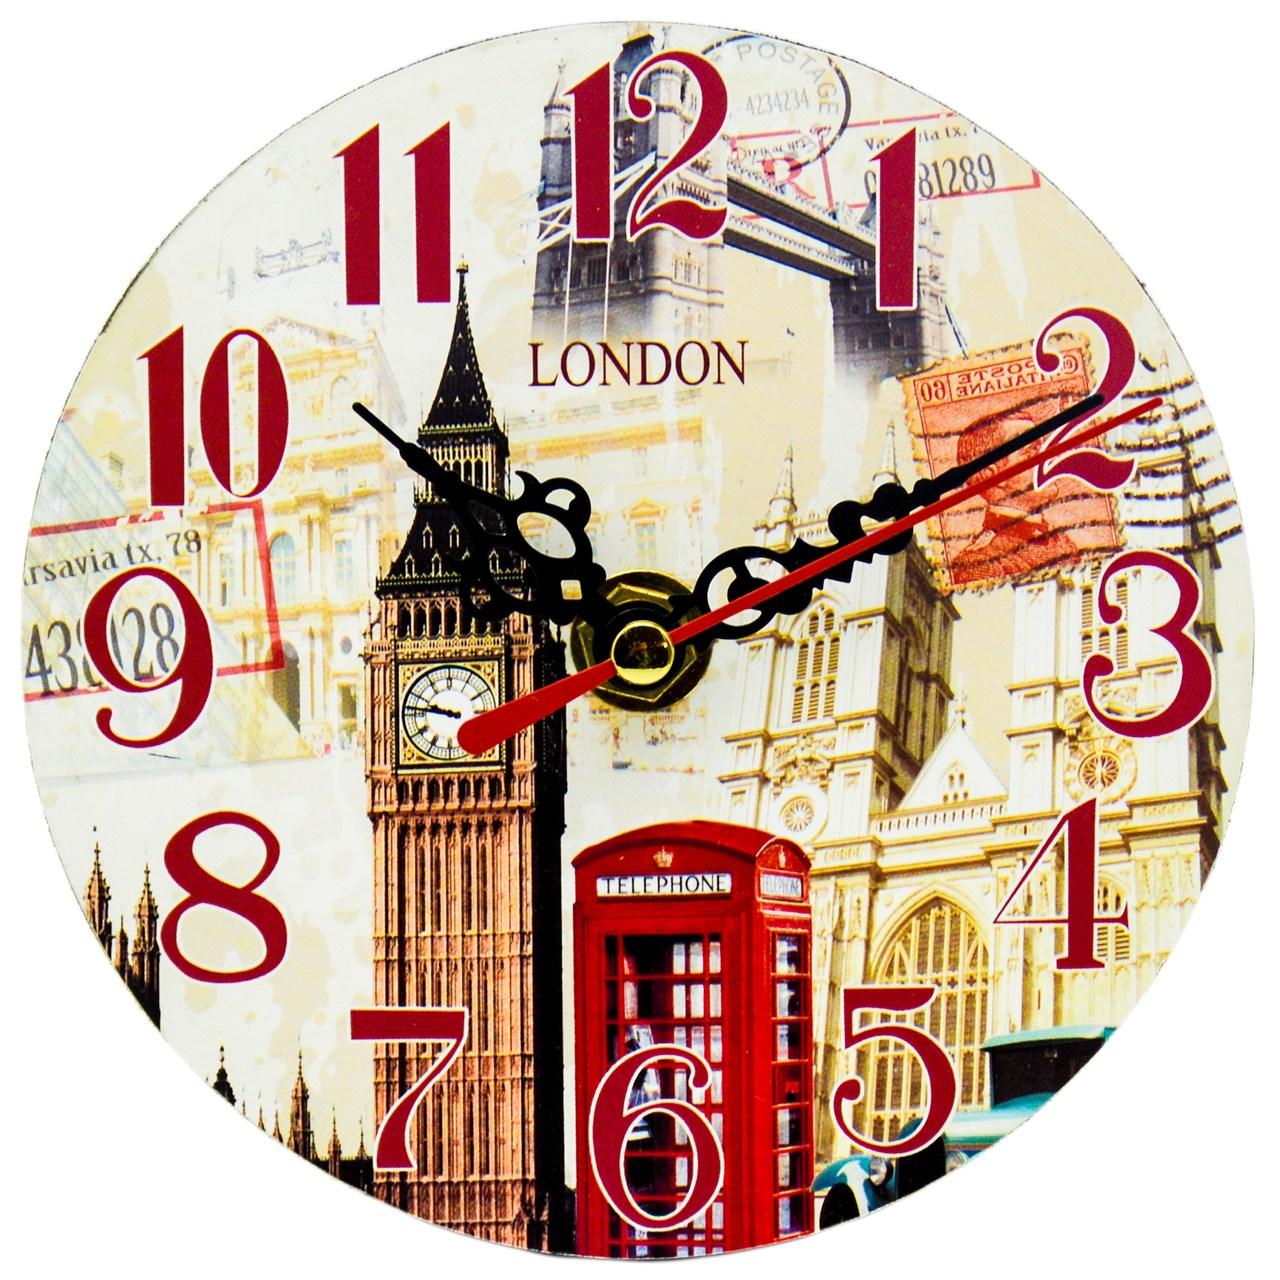 ساعت رومیزی طرح London کد 303